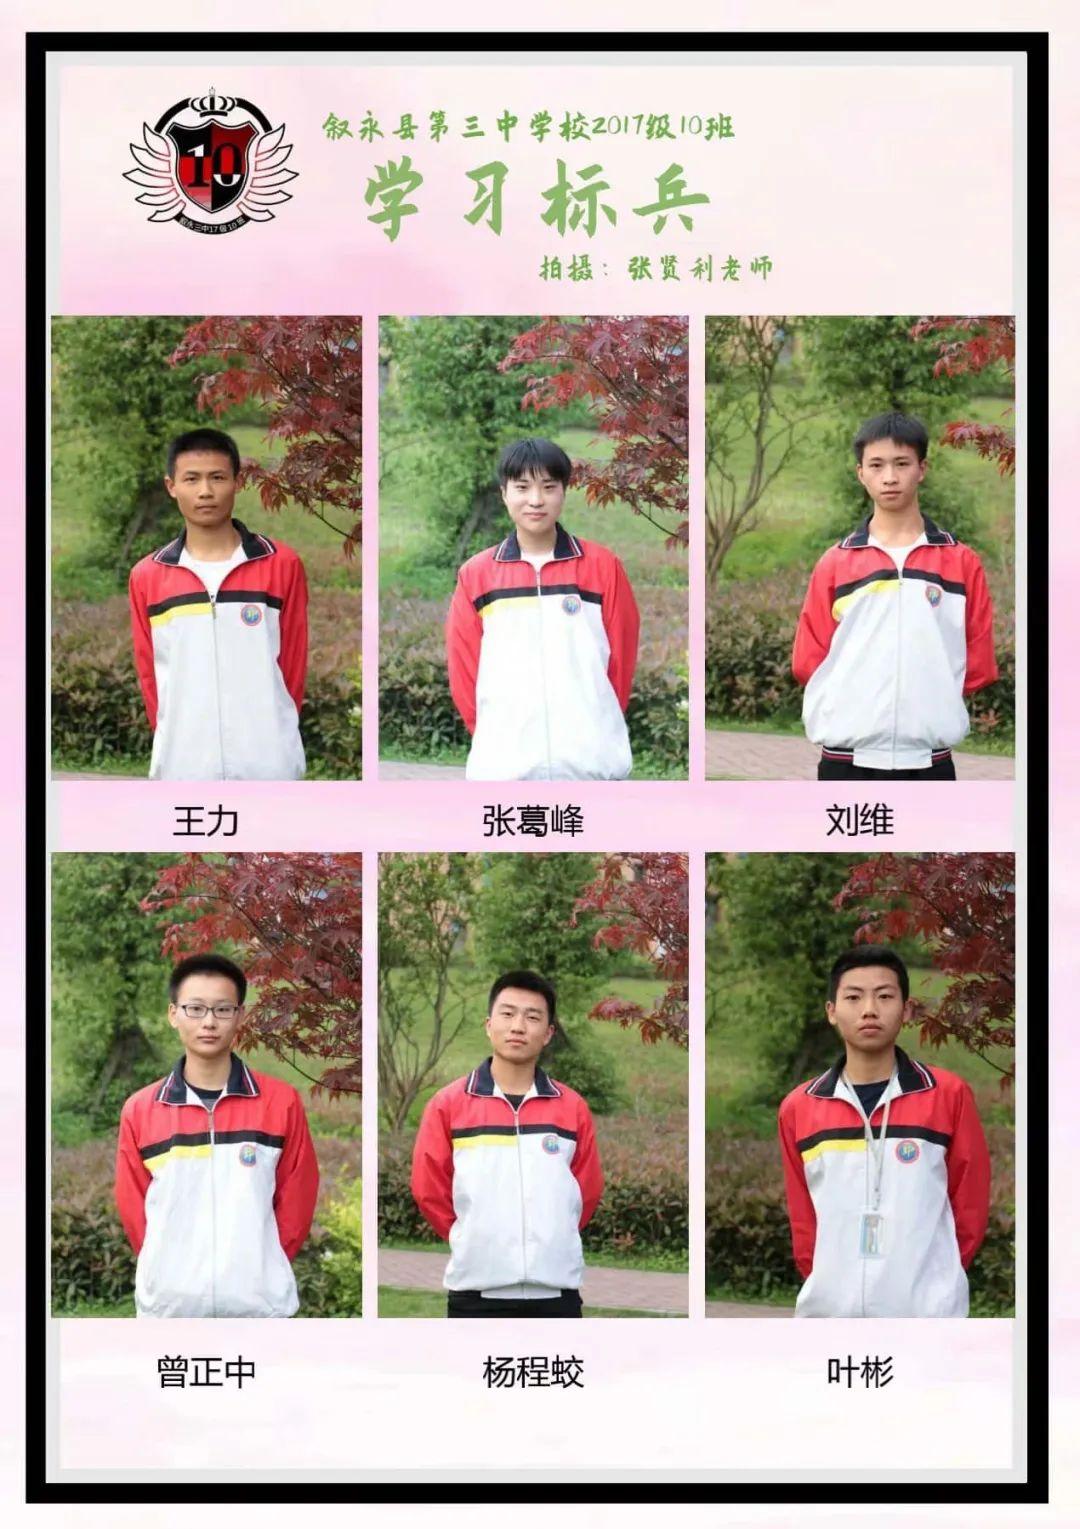 再见,云涛之家—叙永三中17级10班毕业纪念 叙永三中 第17张